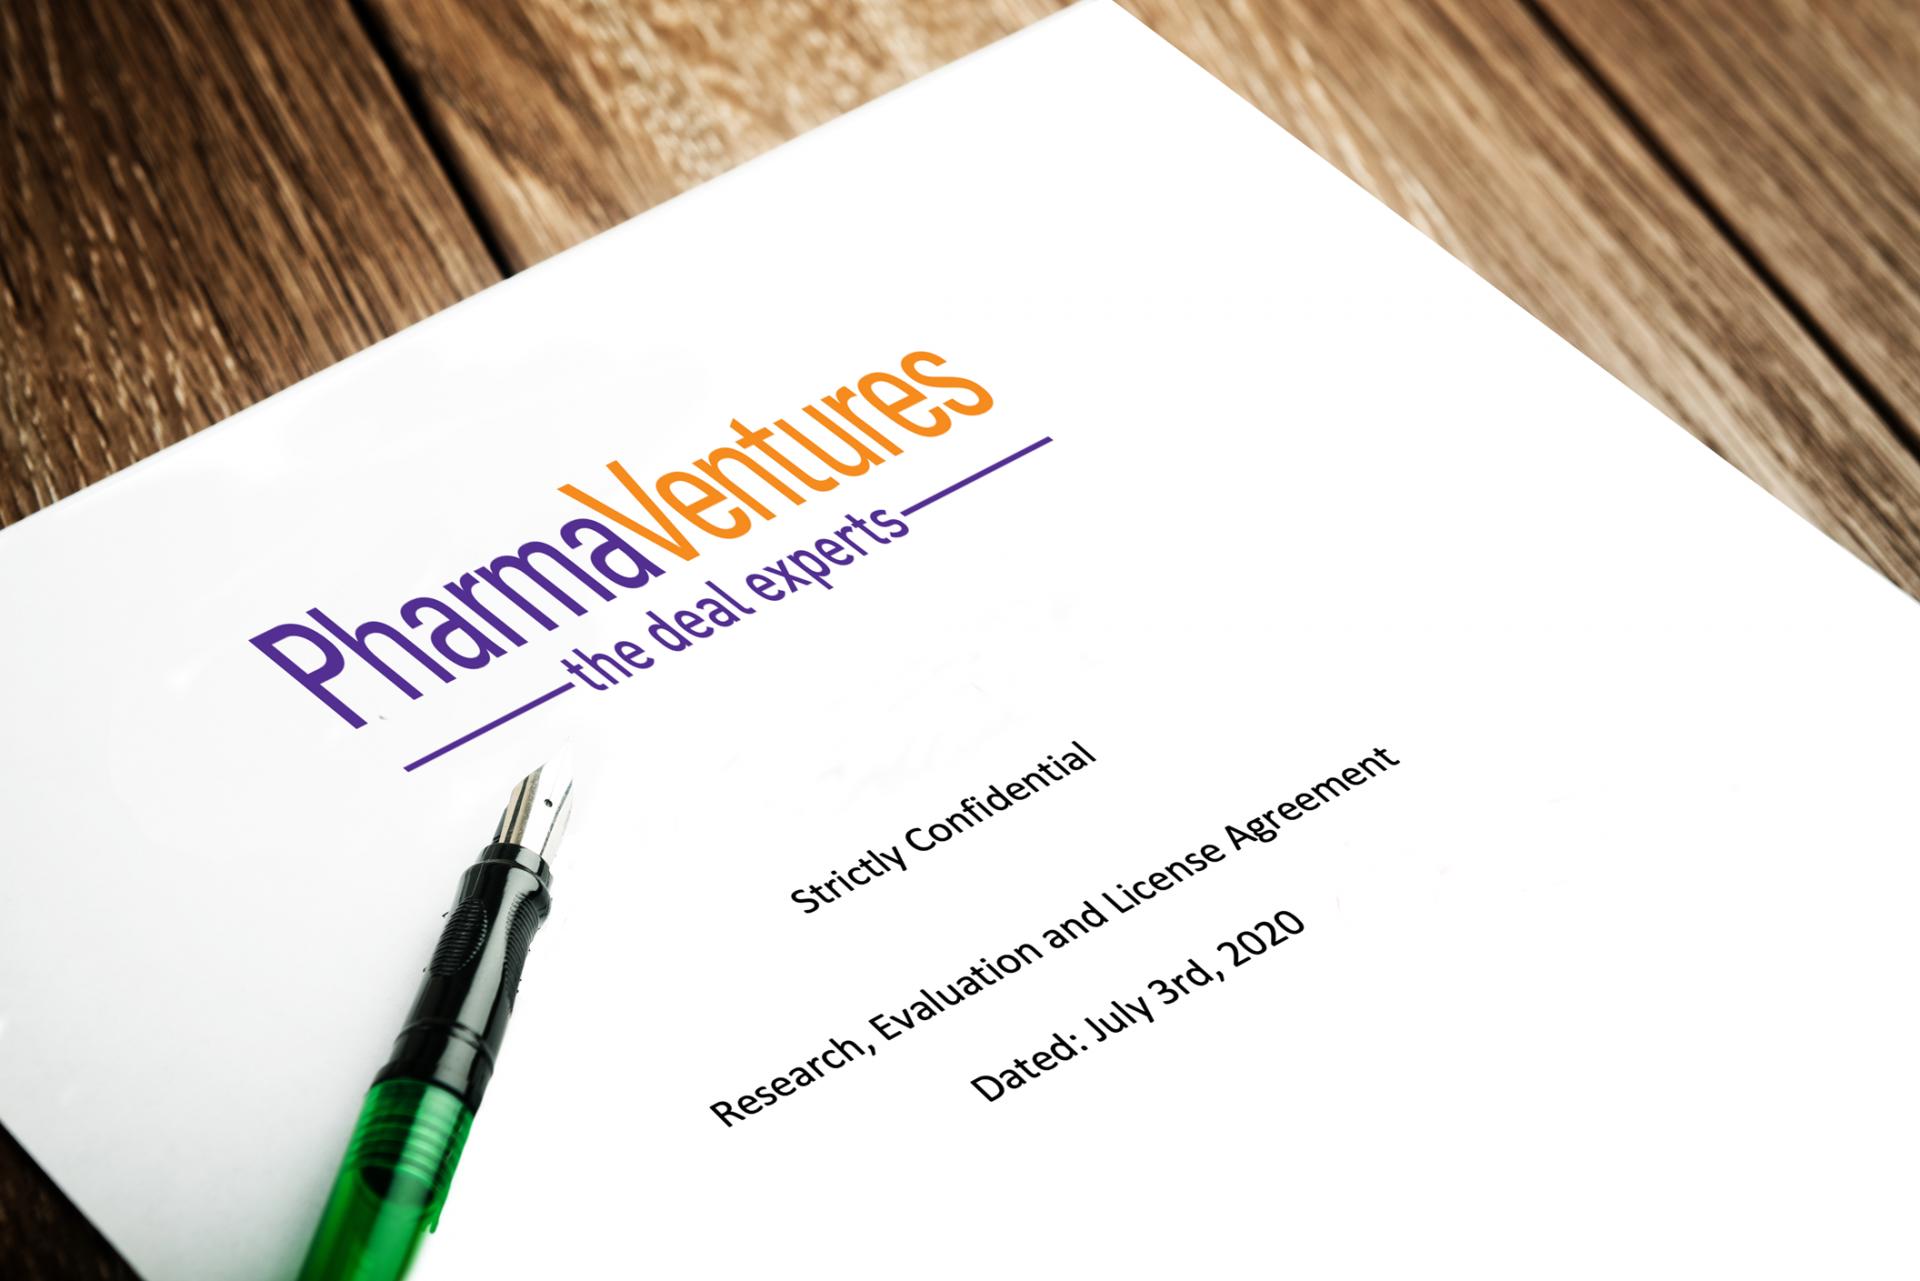 European Biotech Licensing Transactions